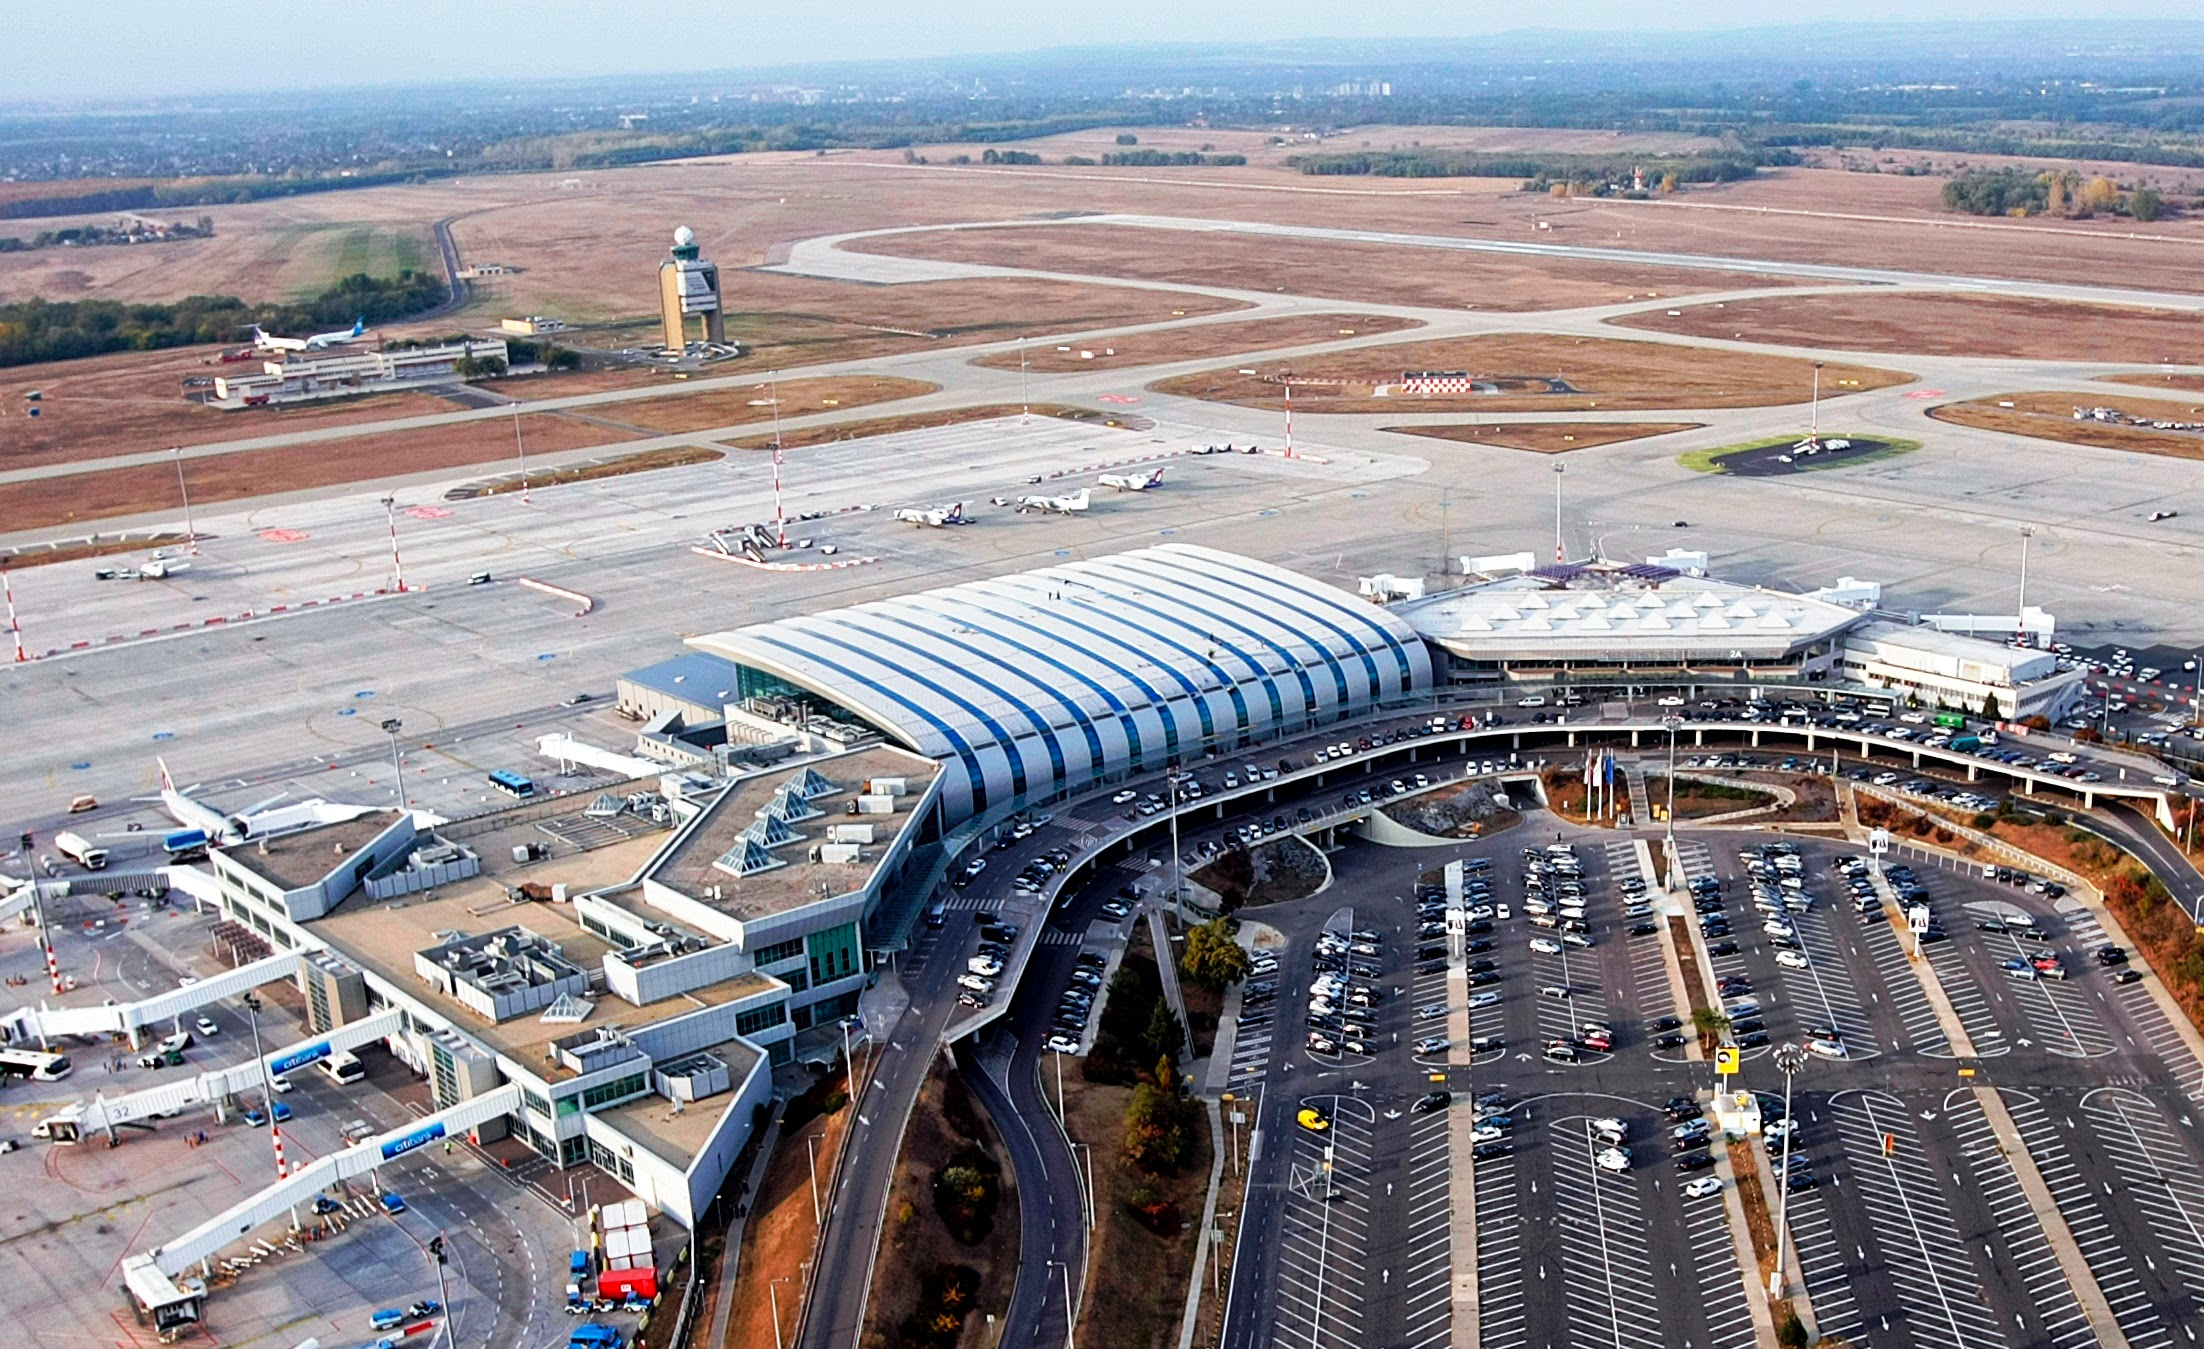 budapest, düsseldorf and hamburg airports partner to